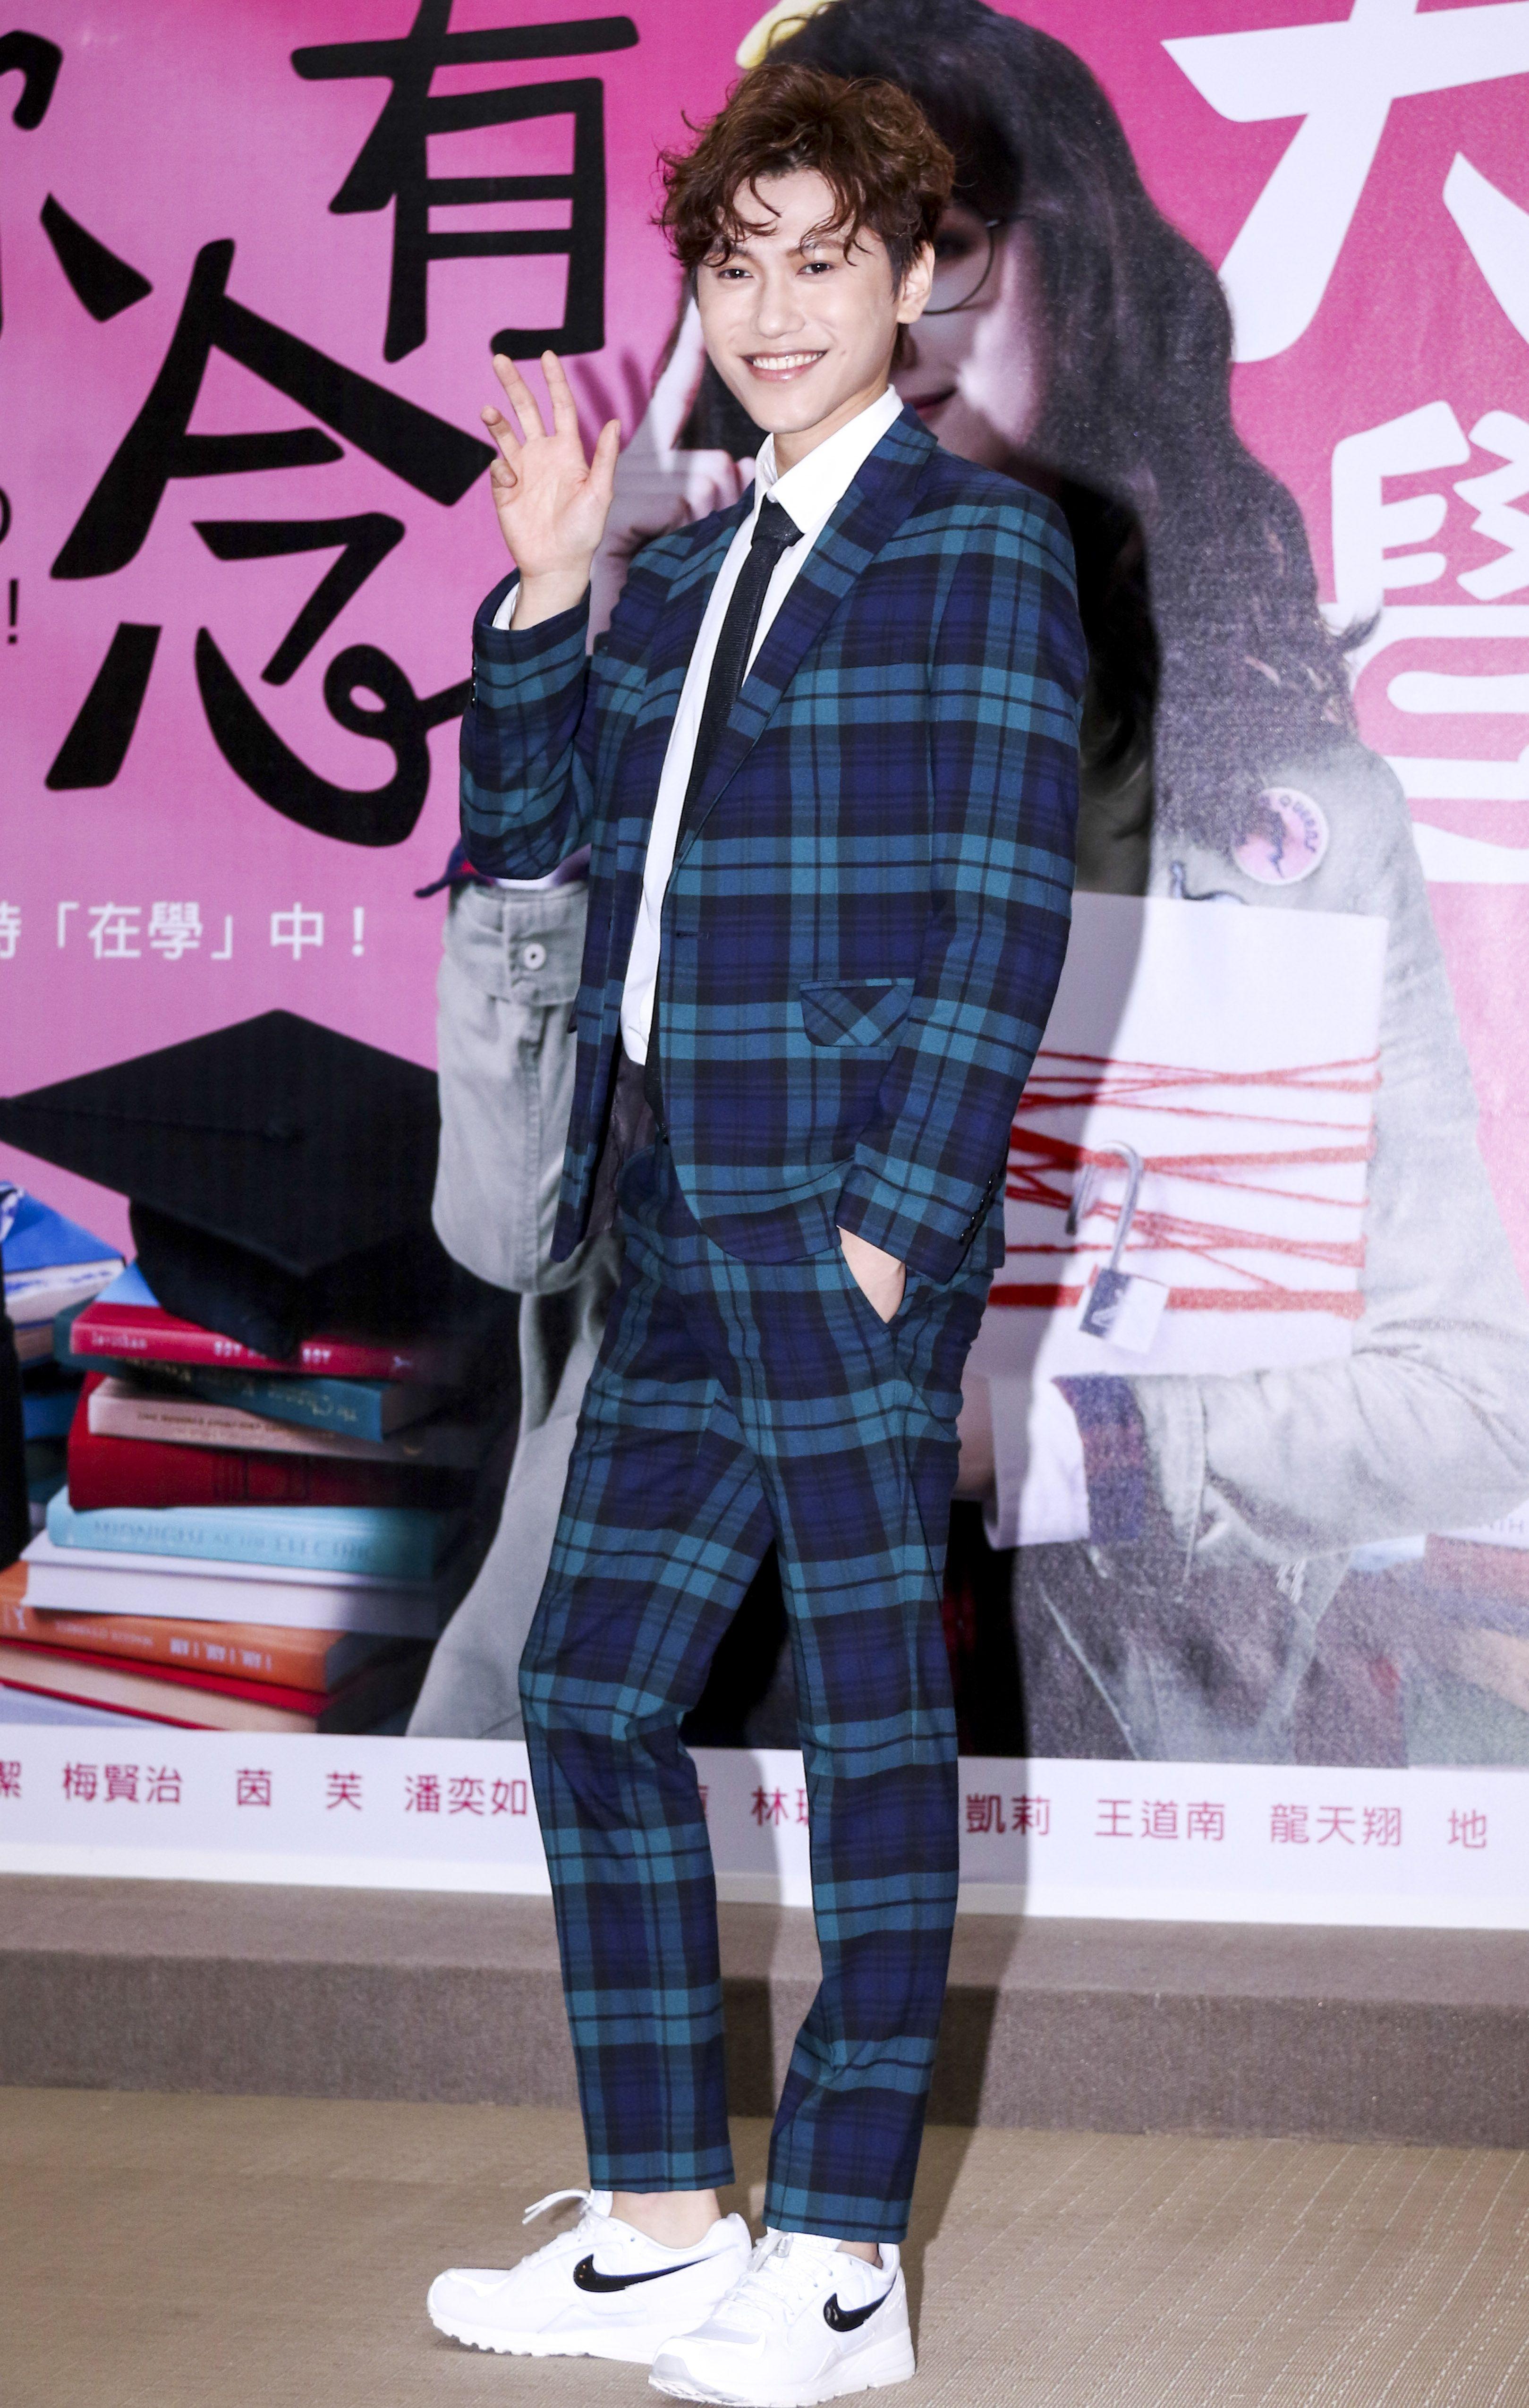 「你有念大學嗎?」演員邱宇辰(毛弟)出席。(記者林士傑/攝影)